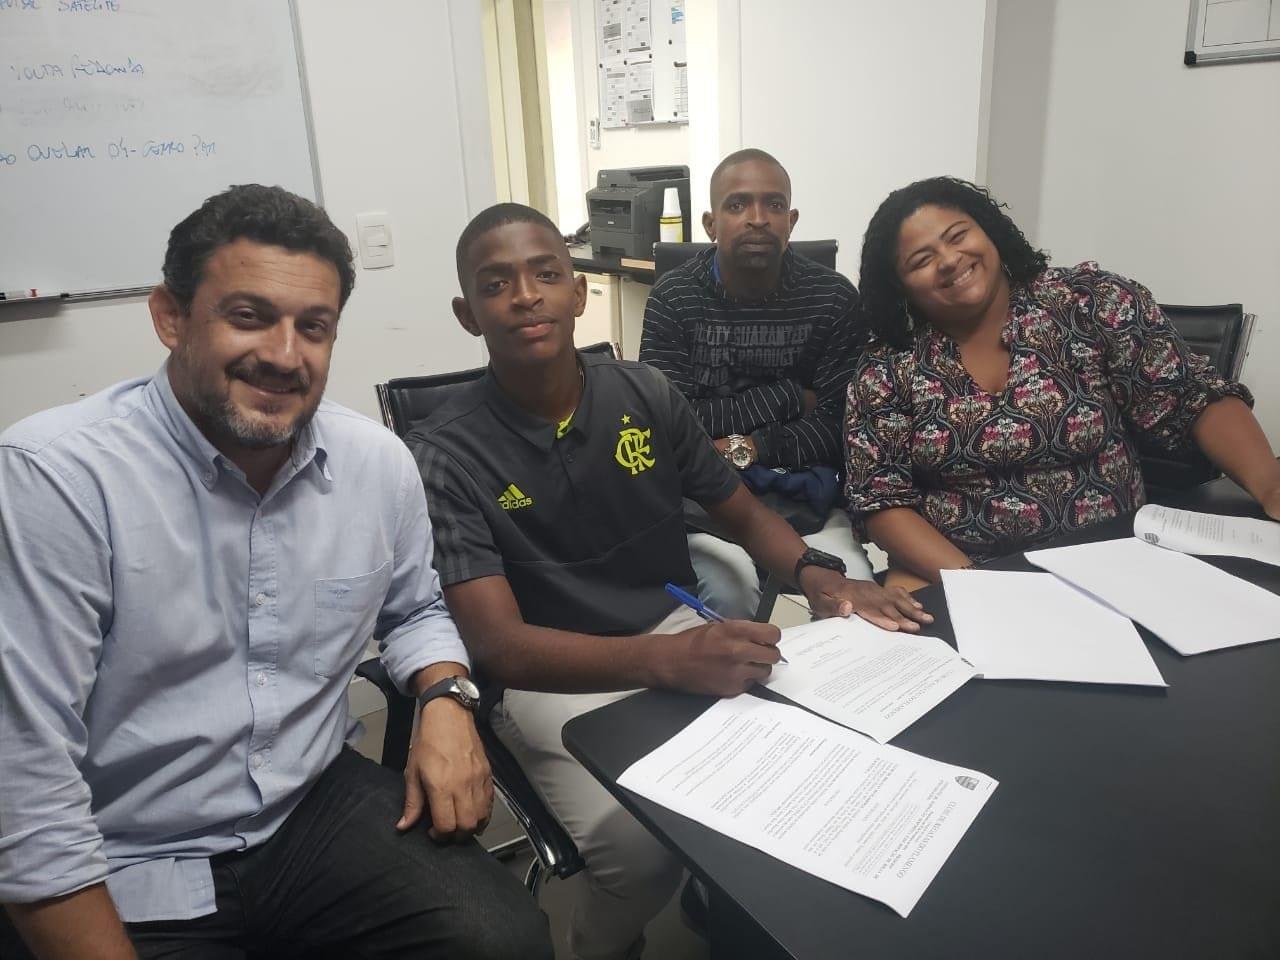 Meia assinou com o Flamengo nesta segunda